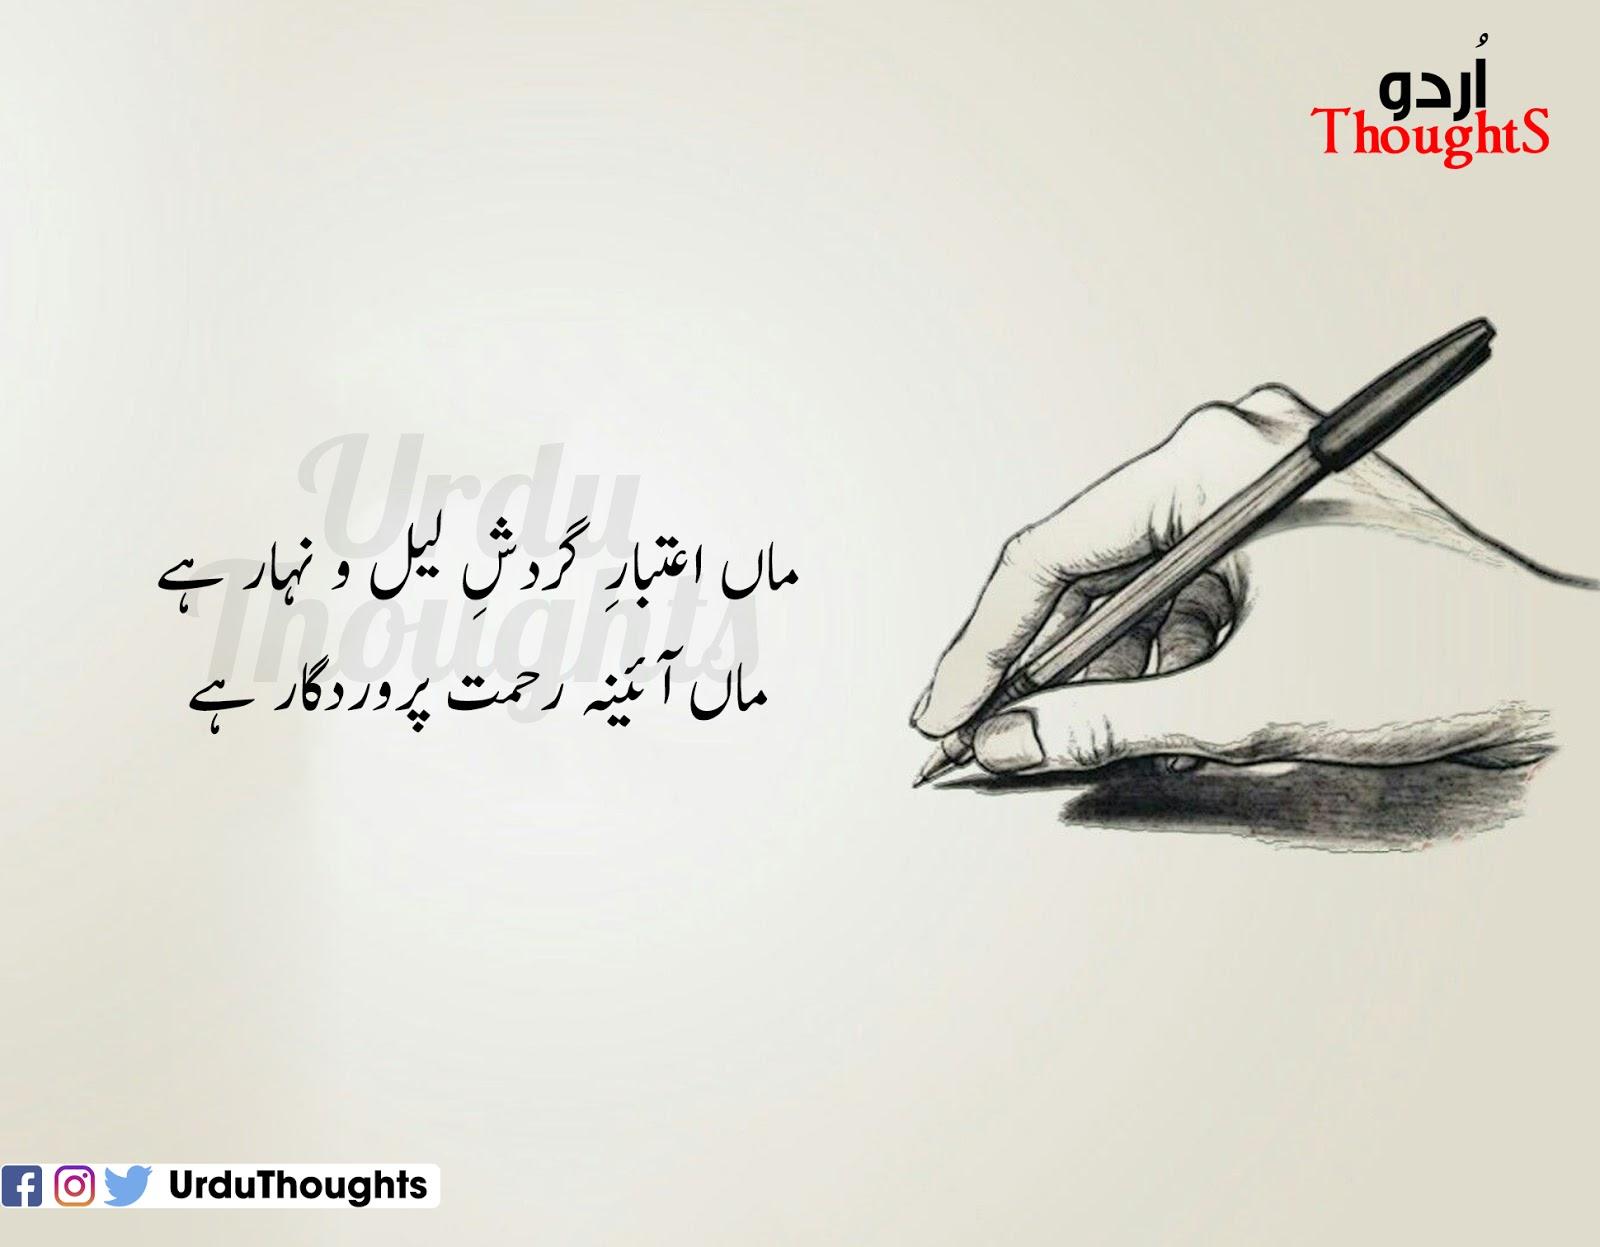 Mother Poetry in Urdu   Images of Maa Poetry in Urdu - Urdu